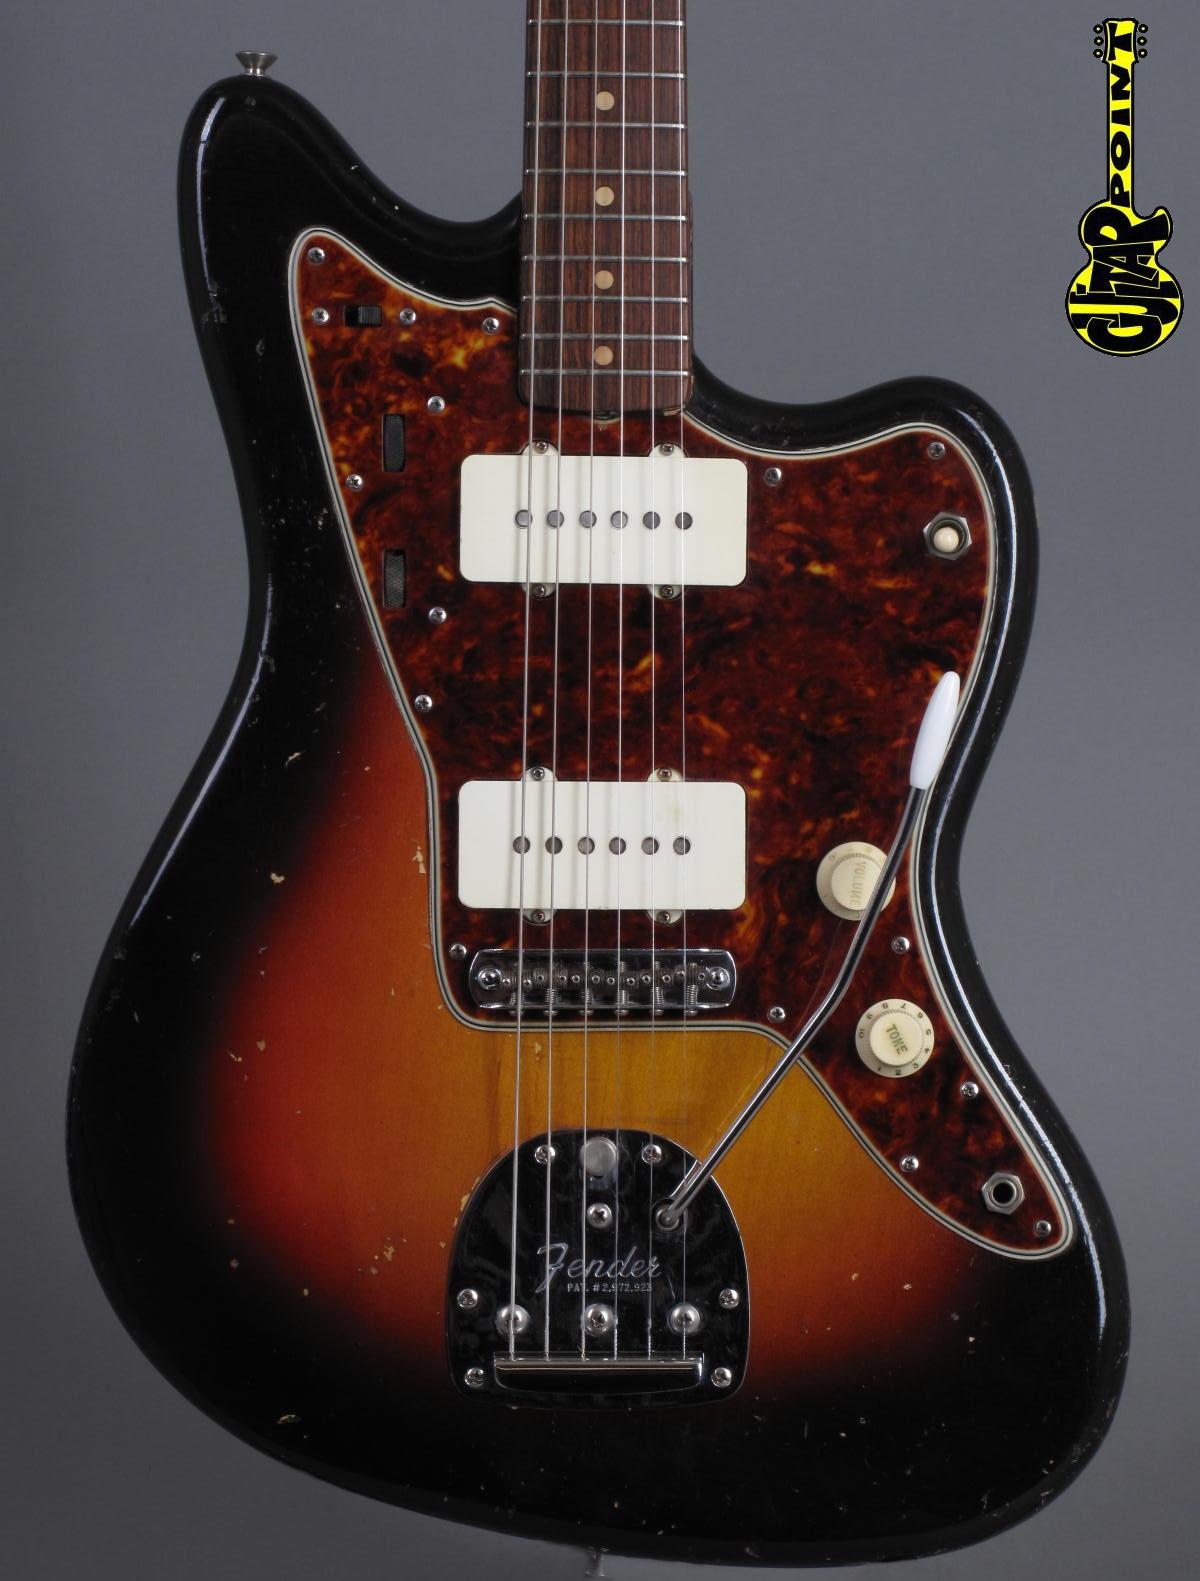 1961 Fender Jazzmaster - 3-tone Sunburst